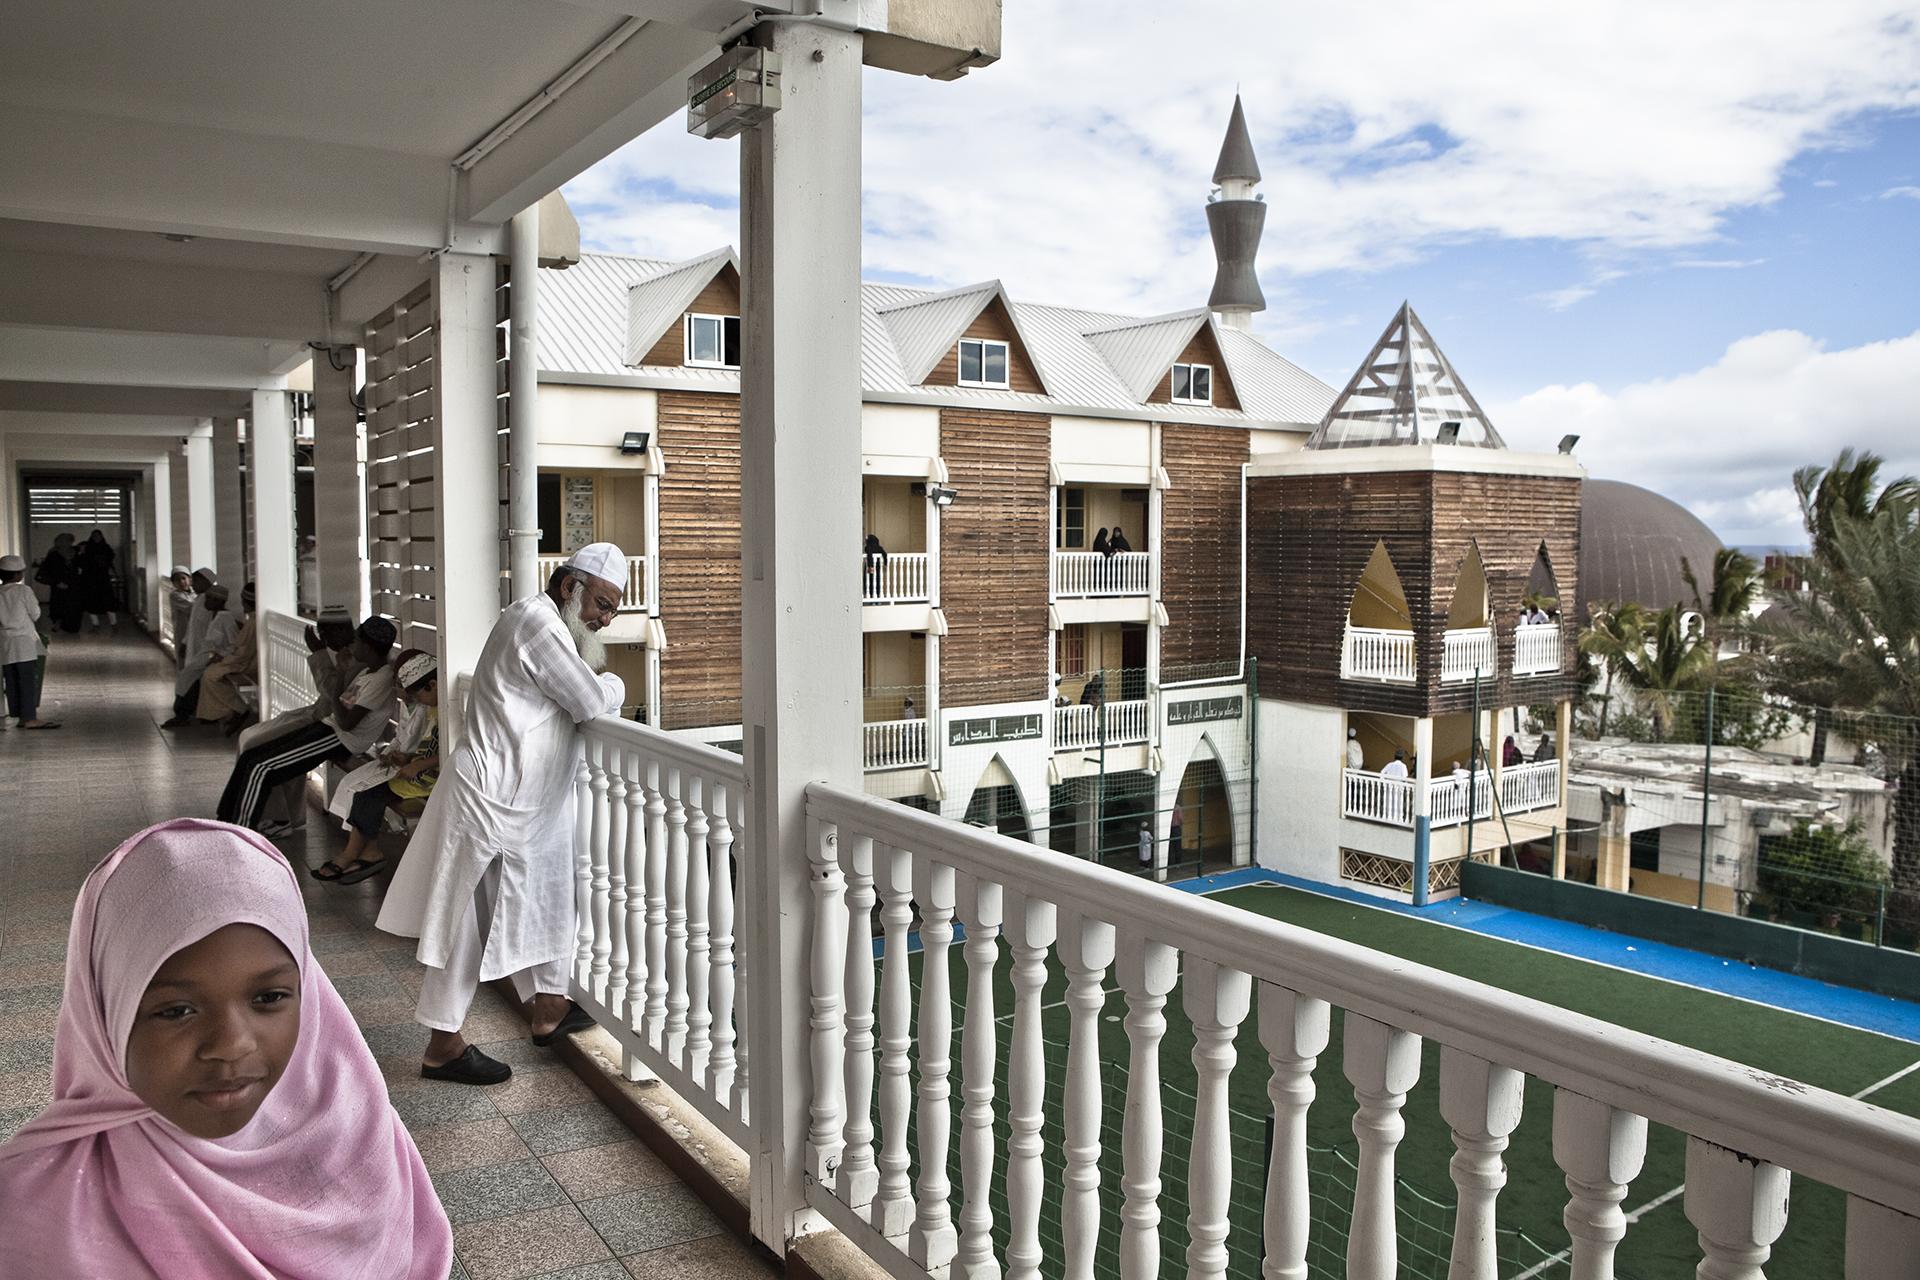 Médersa de la ville de Saint-Pierre, Ile de la Réunion. Novembre 2012.Cette médersa est une des plus anciennes écoles coraniques de l'île. Elle a été ouverte à l'enseignement en 1976. Il y a environ 600 élèves (adultes et enfants) et 17 professeurs.